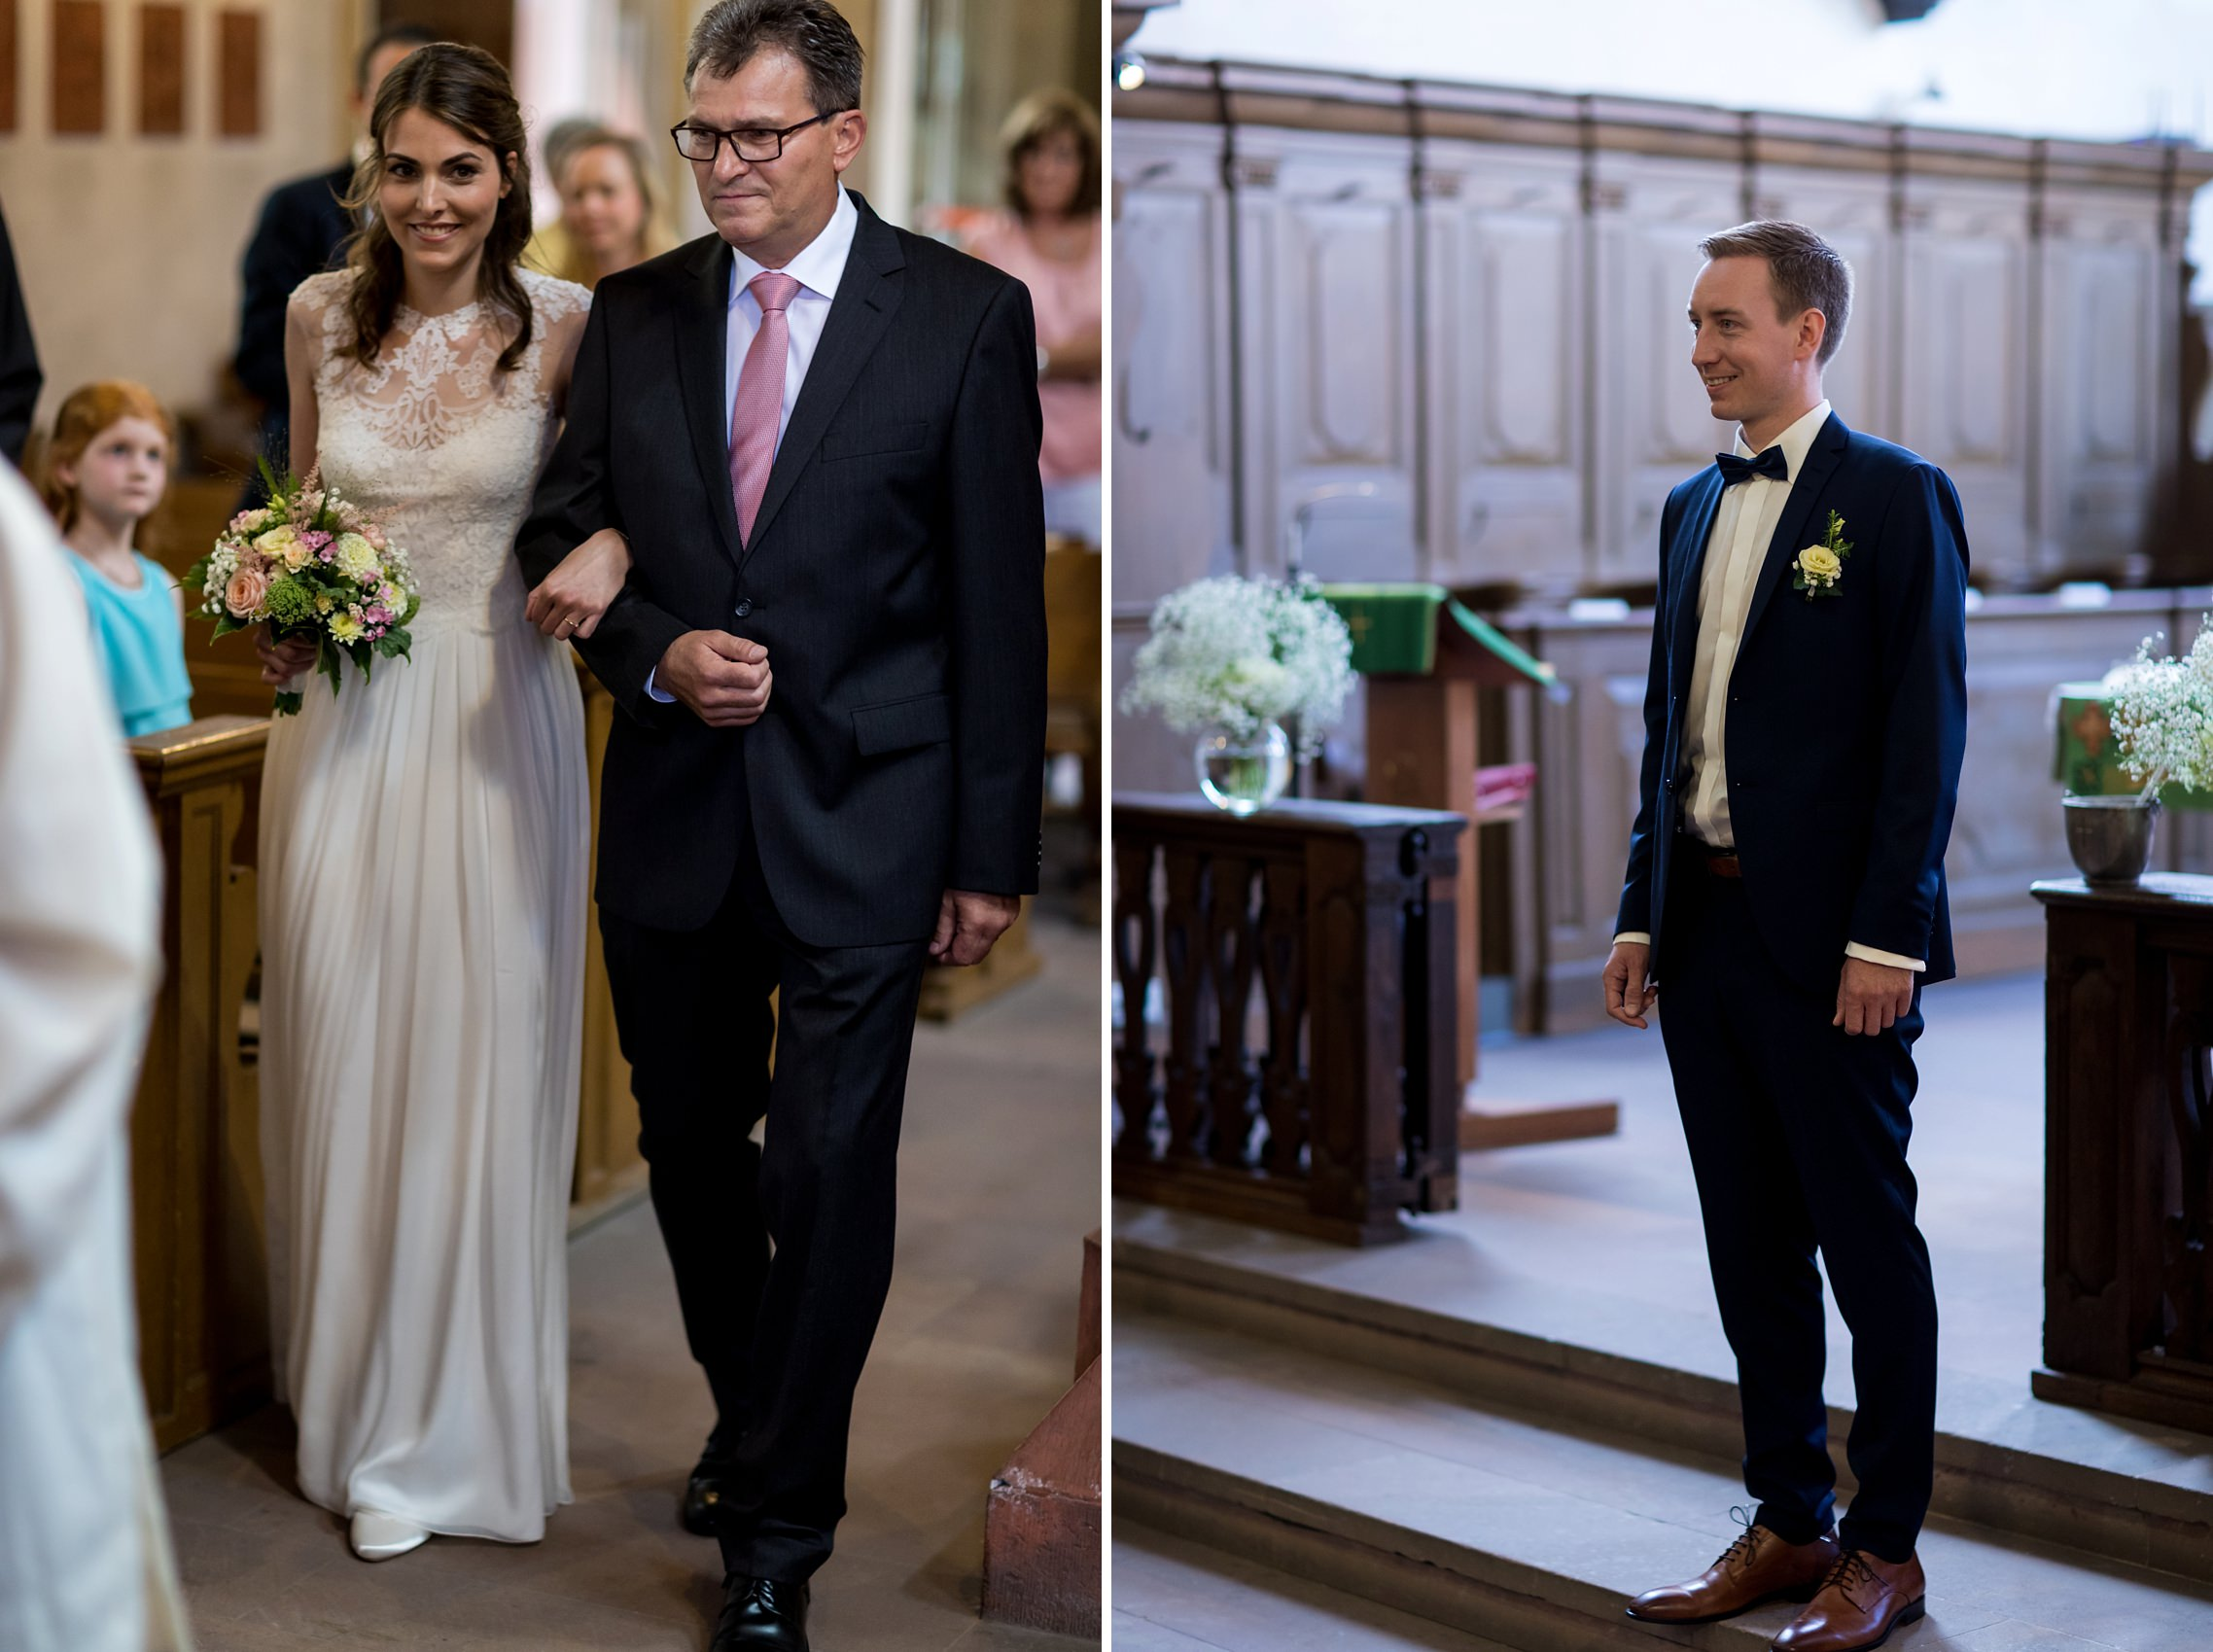 Der Brautvater führt seine Tochter zum Altar. Der Bräutigam wartet in der katholischen Kirche in Erbach auf seine zukünftige Frau.